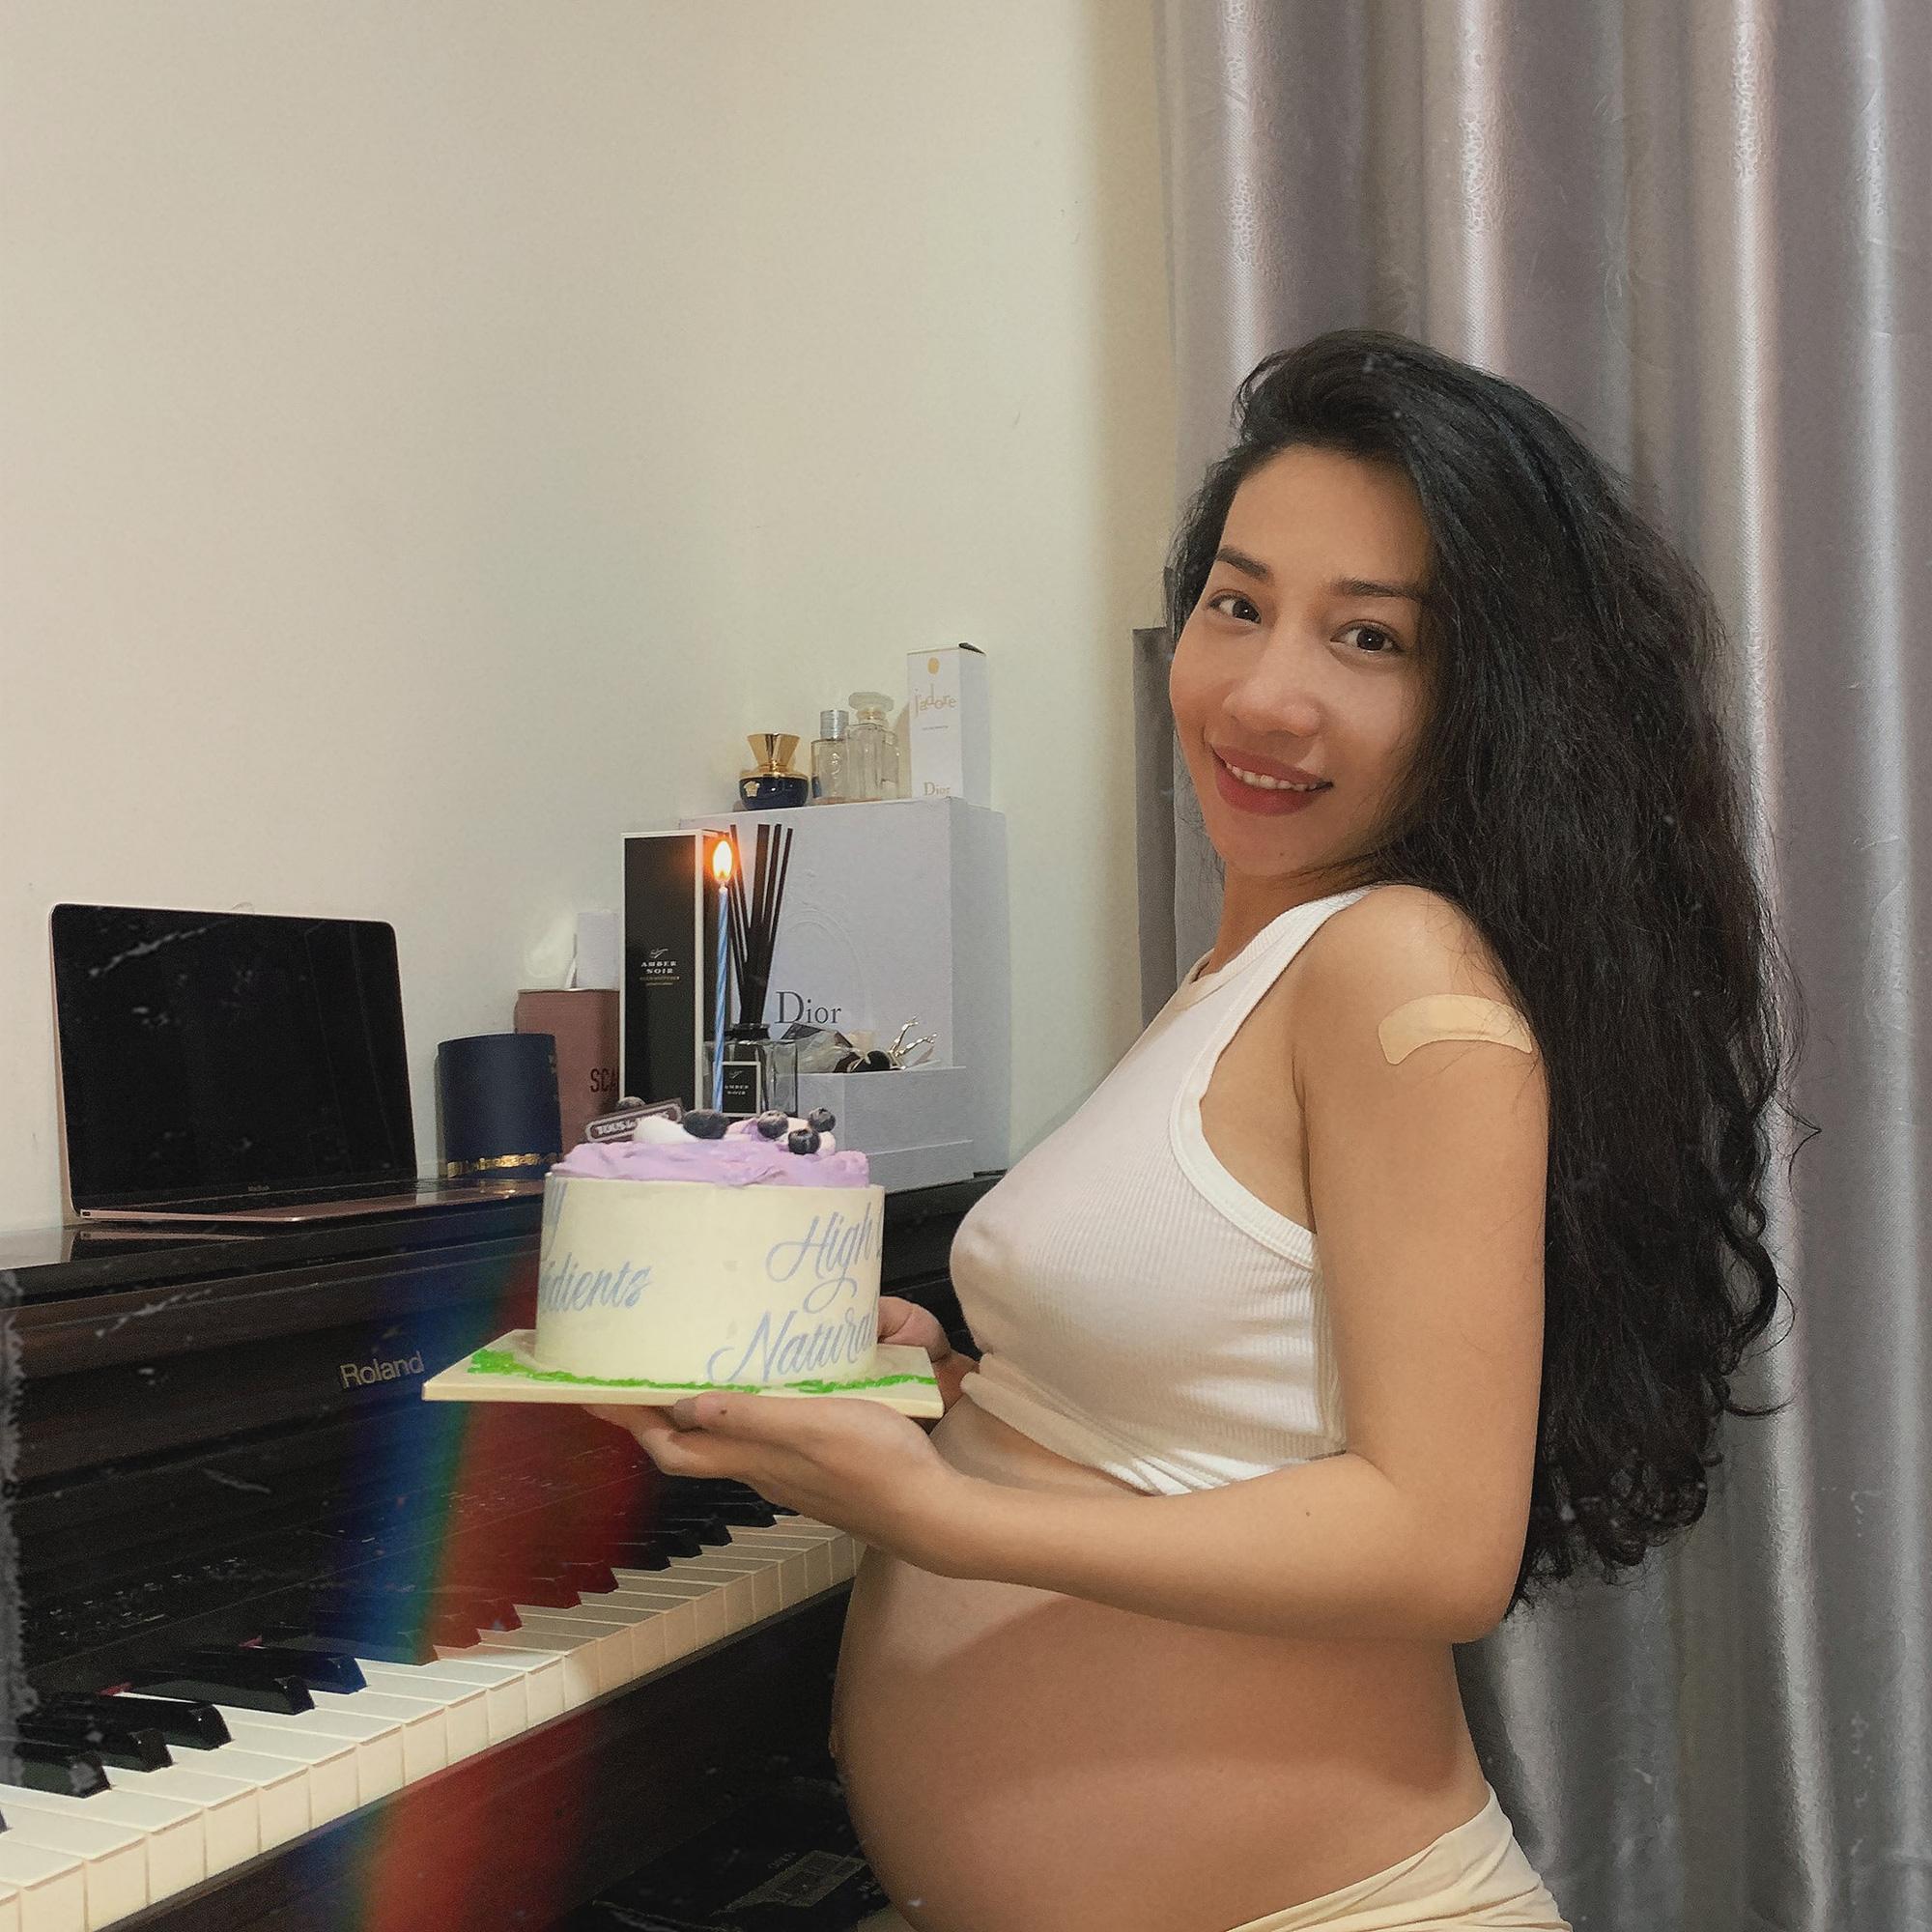 Hằng BingBoong chính thức hạ sinh con trai đầu lòng khi bạn trai người Pháp gốc Việt vẫn kẹt ở trời Tây - Ảnh 4.